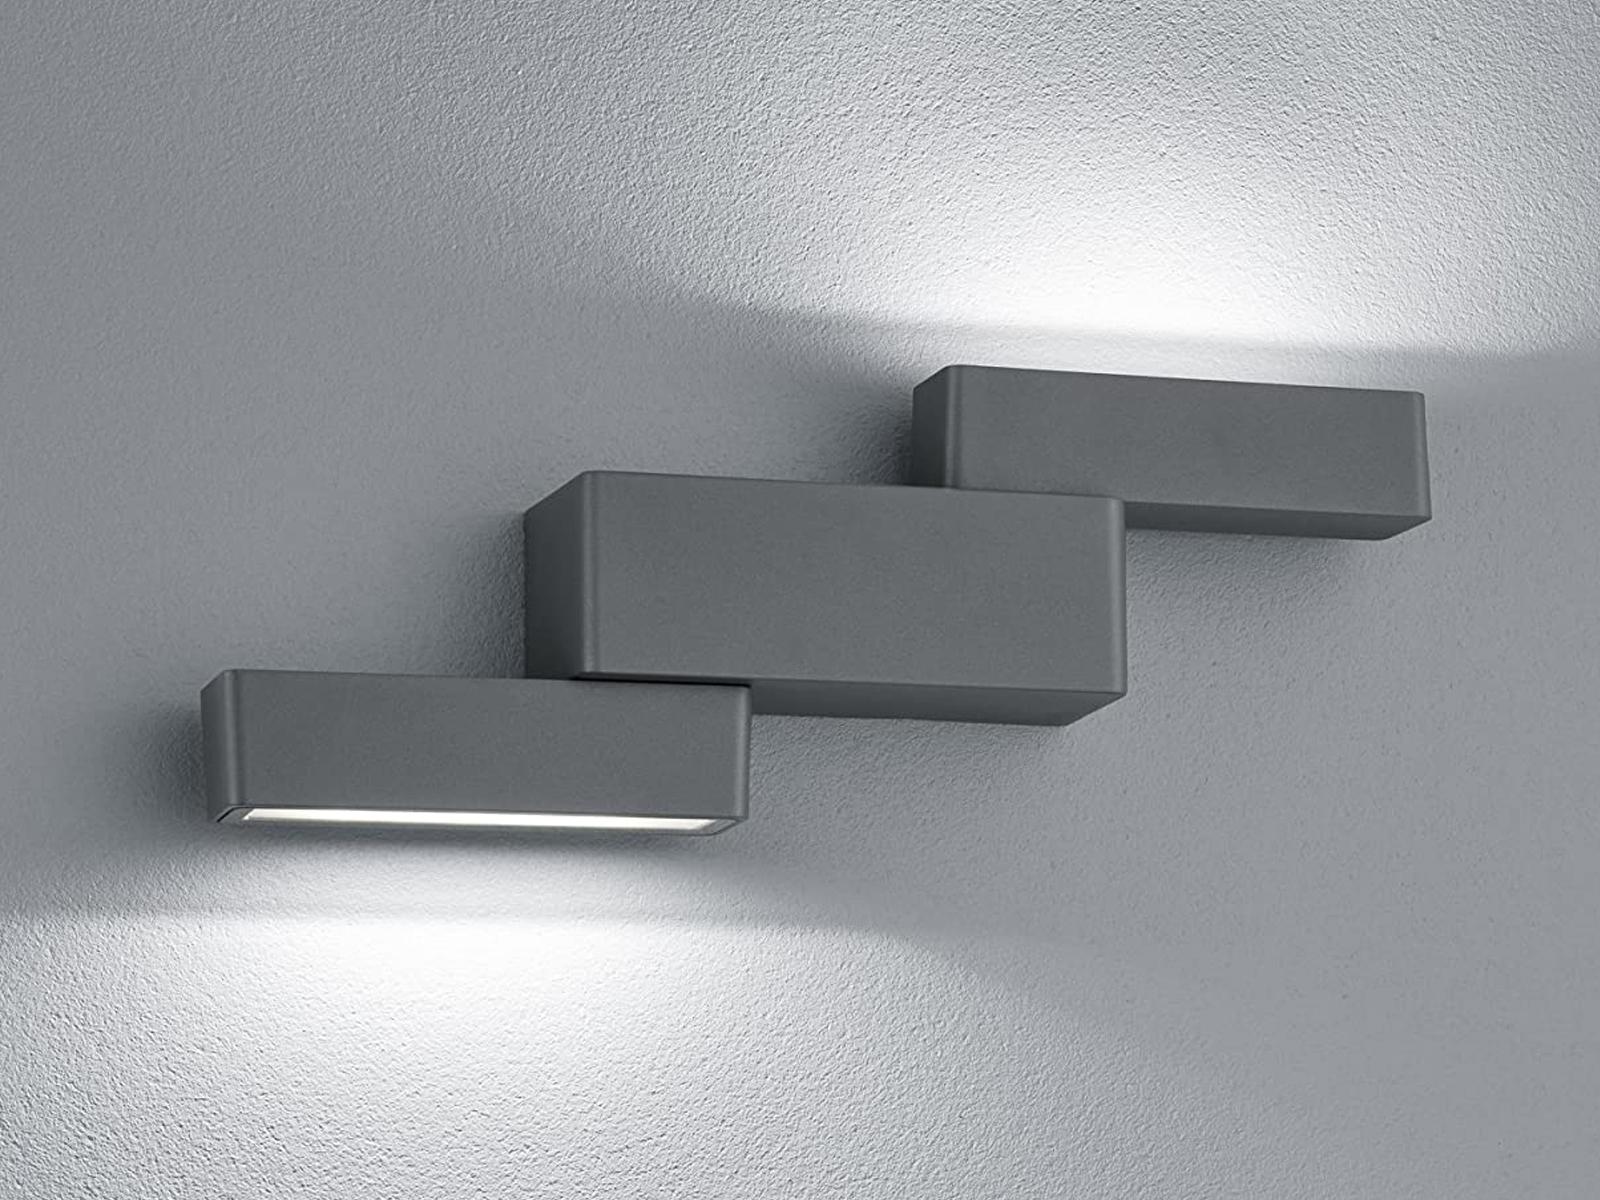 Schwenkbare LED Wandleuchte für für für innen & außen mit Up- & Downlight, Alu anthrazit aa6734